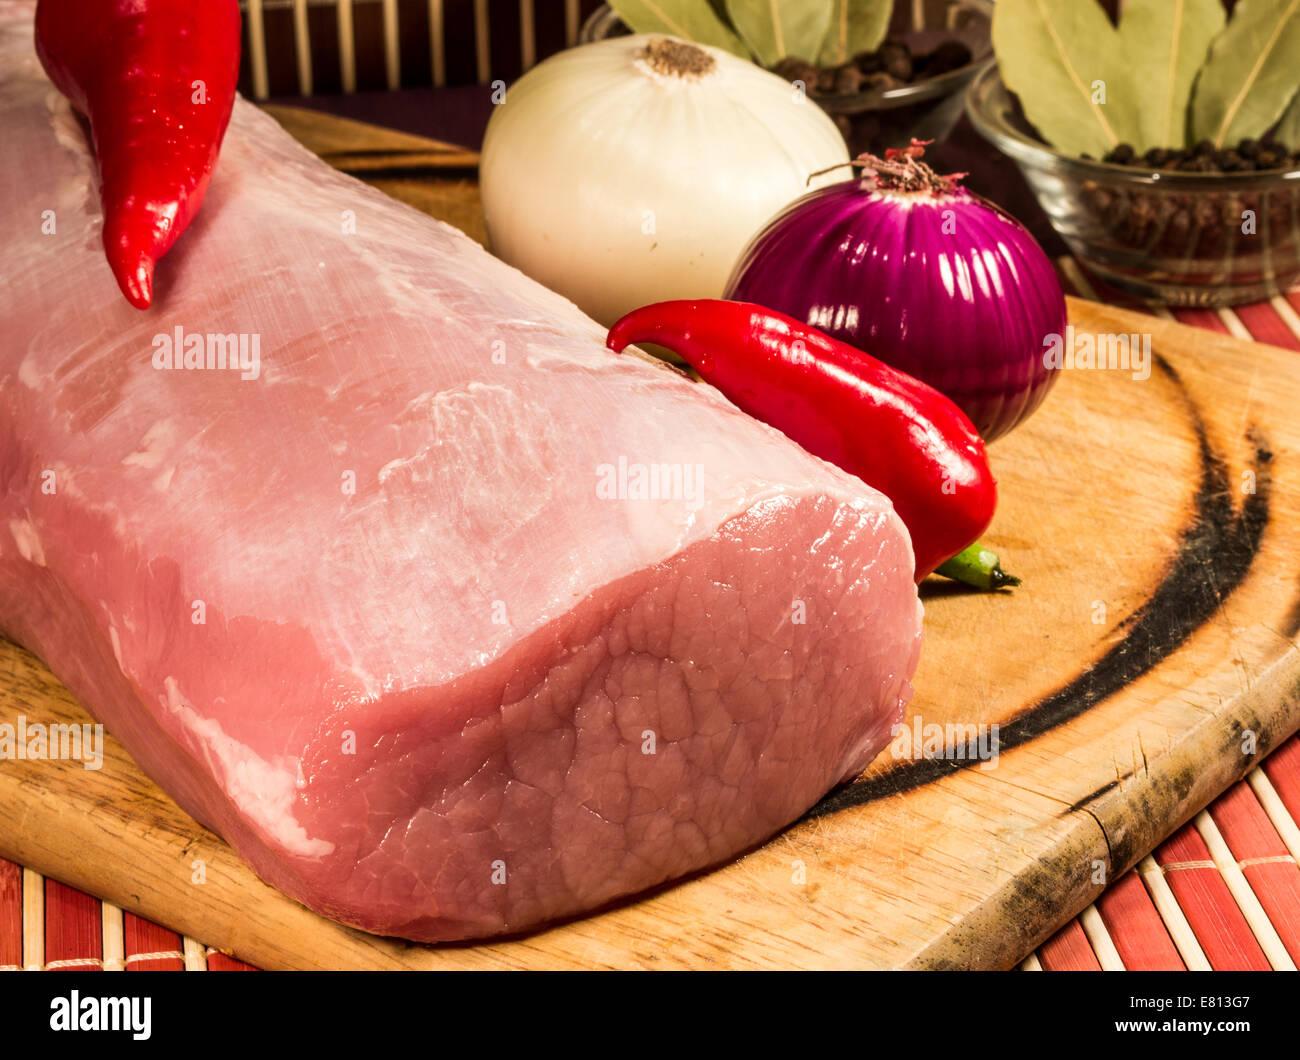 Rohes Fleisch auf Holzbrett. Stockbild